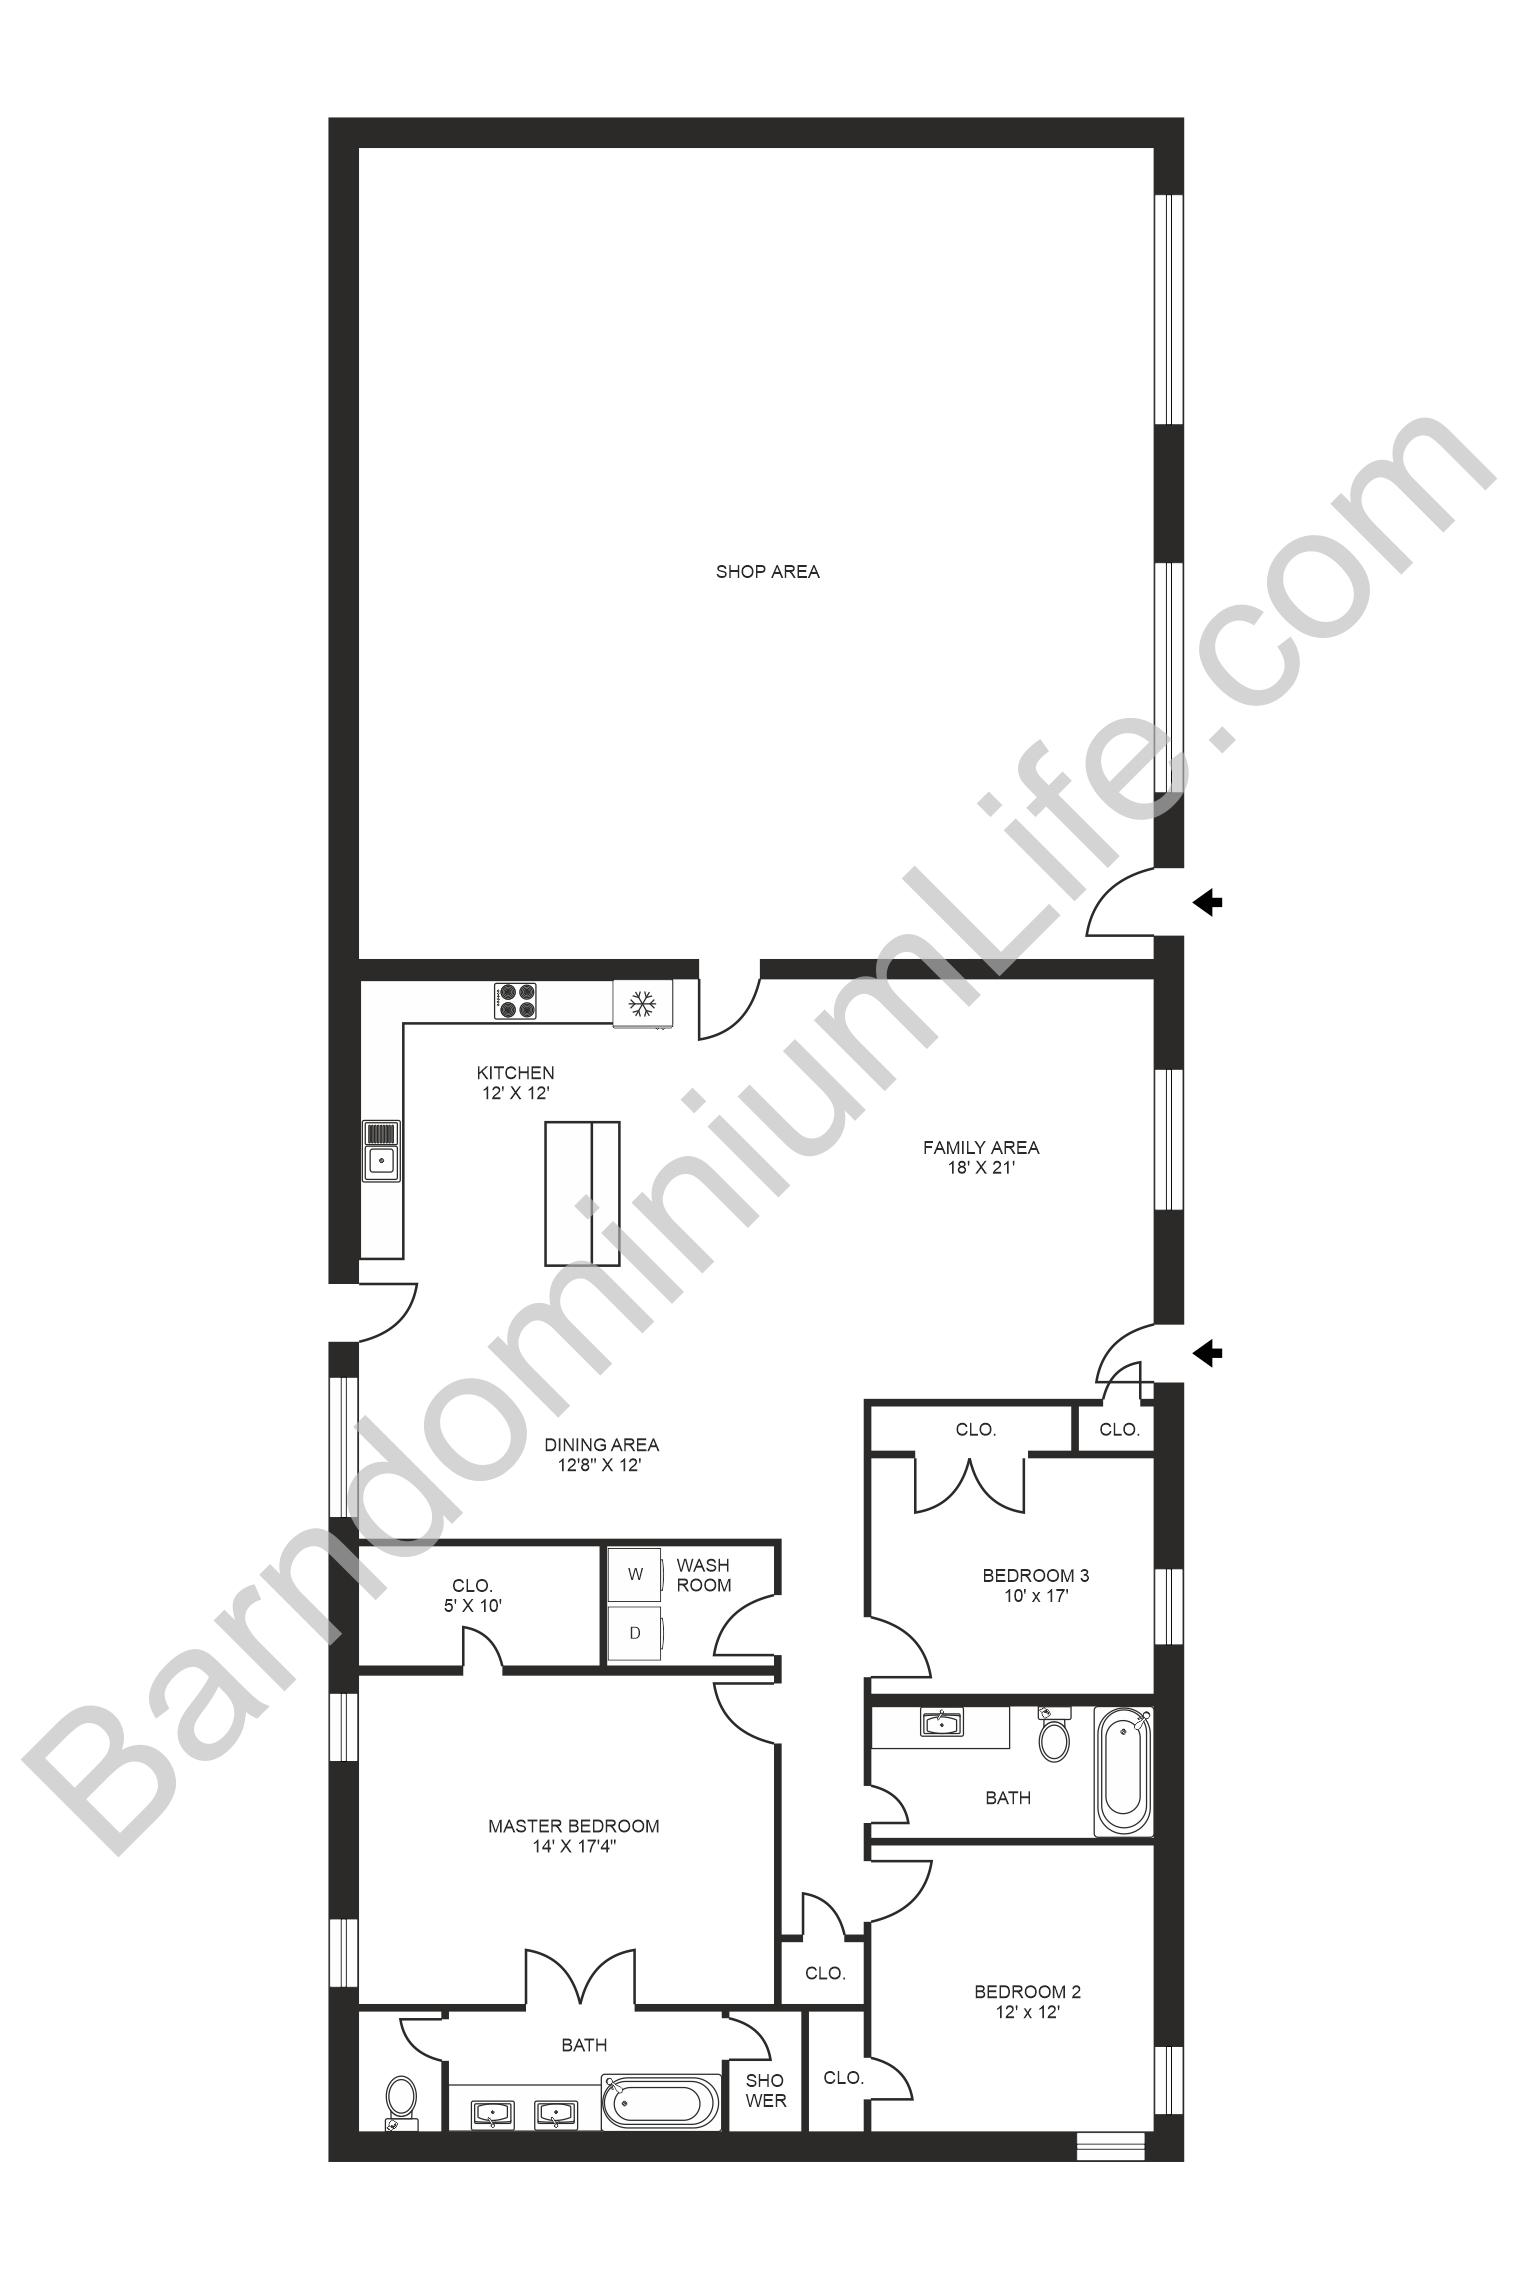 35x65 barndominium floor plan with shop